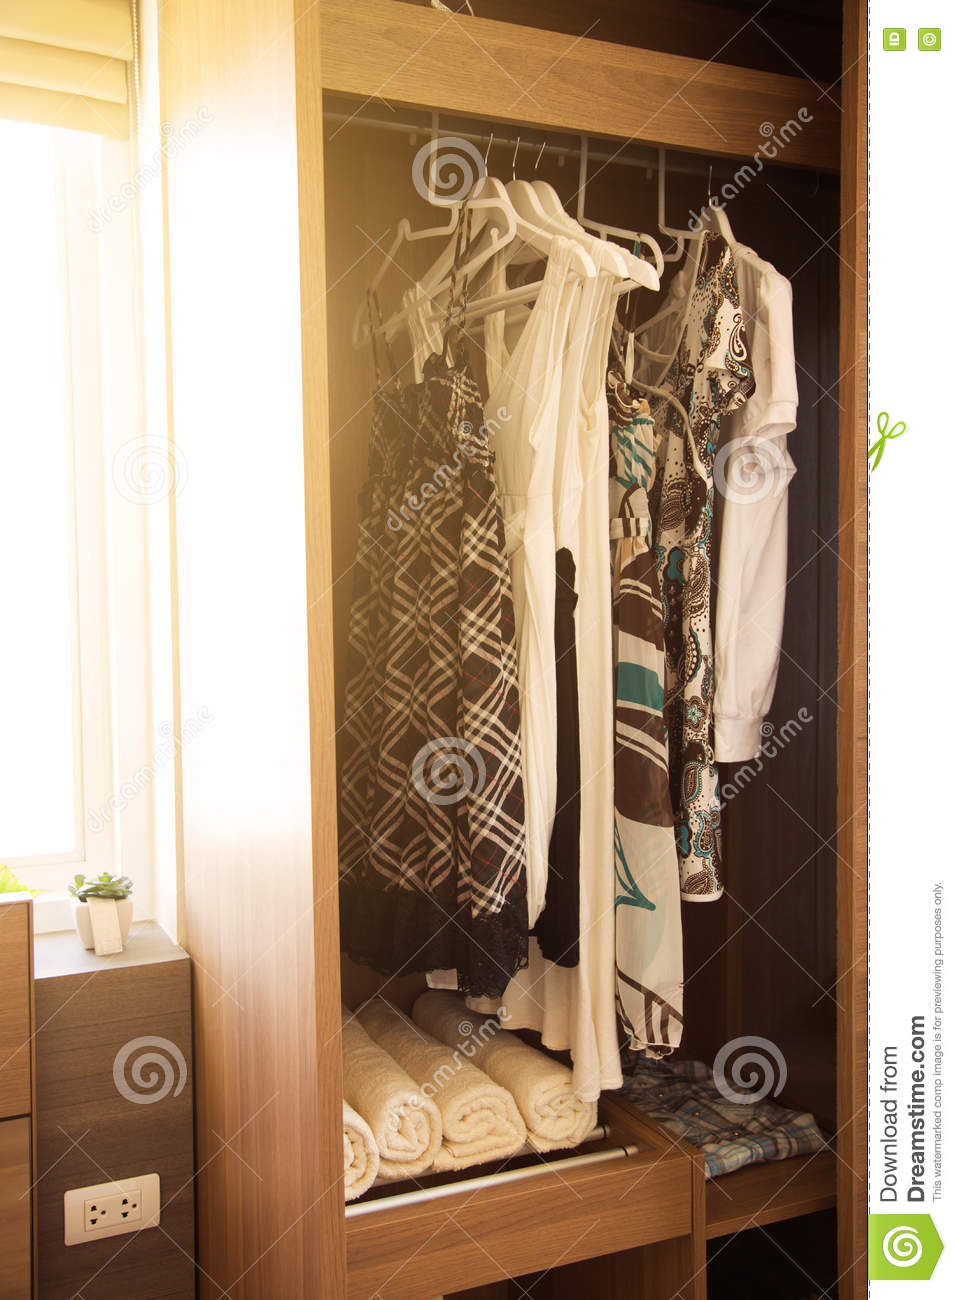 Full Size of Kleidung Hngt An Einem Regal In Kleidungs Speicher Roller Regale 40 Cm Breit Fürs Wohnzimmer Paletten Zum Aufhängen Nach Maß Günstig Sichtschutzfolie Für Regal Regal Für Kleidung